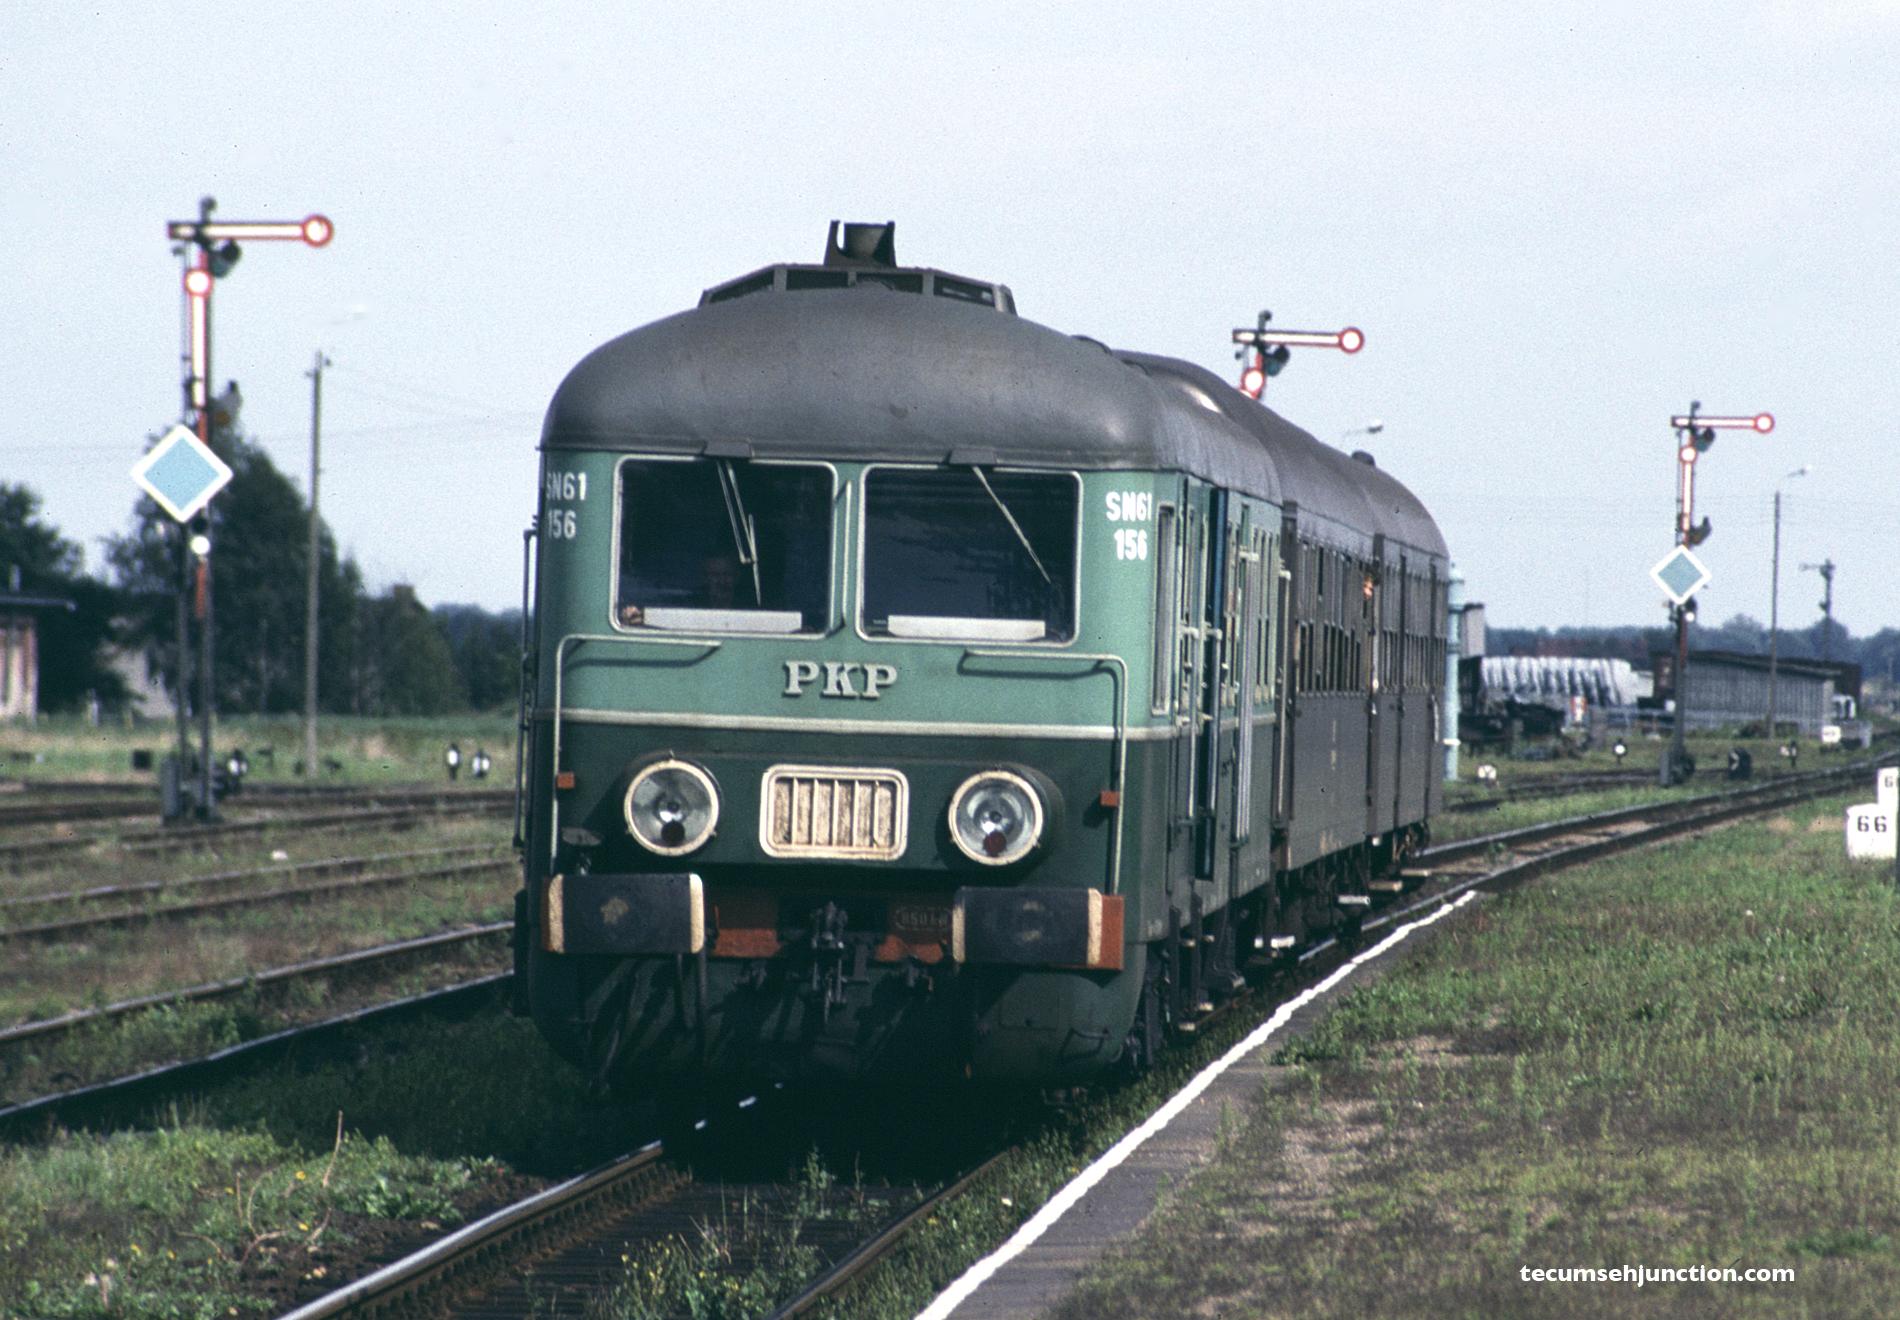 PKP SN61-156 arrives in Czersk, Poland on 07 September 1990